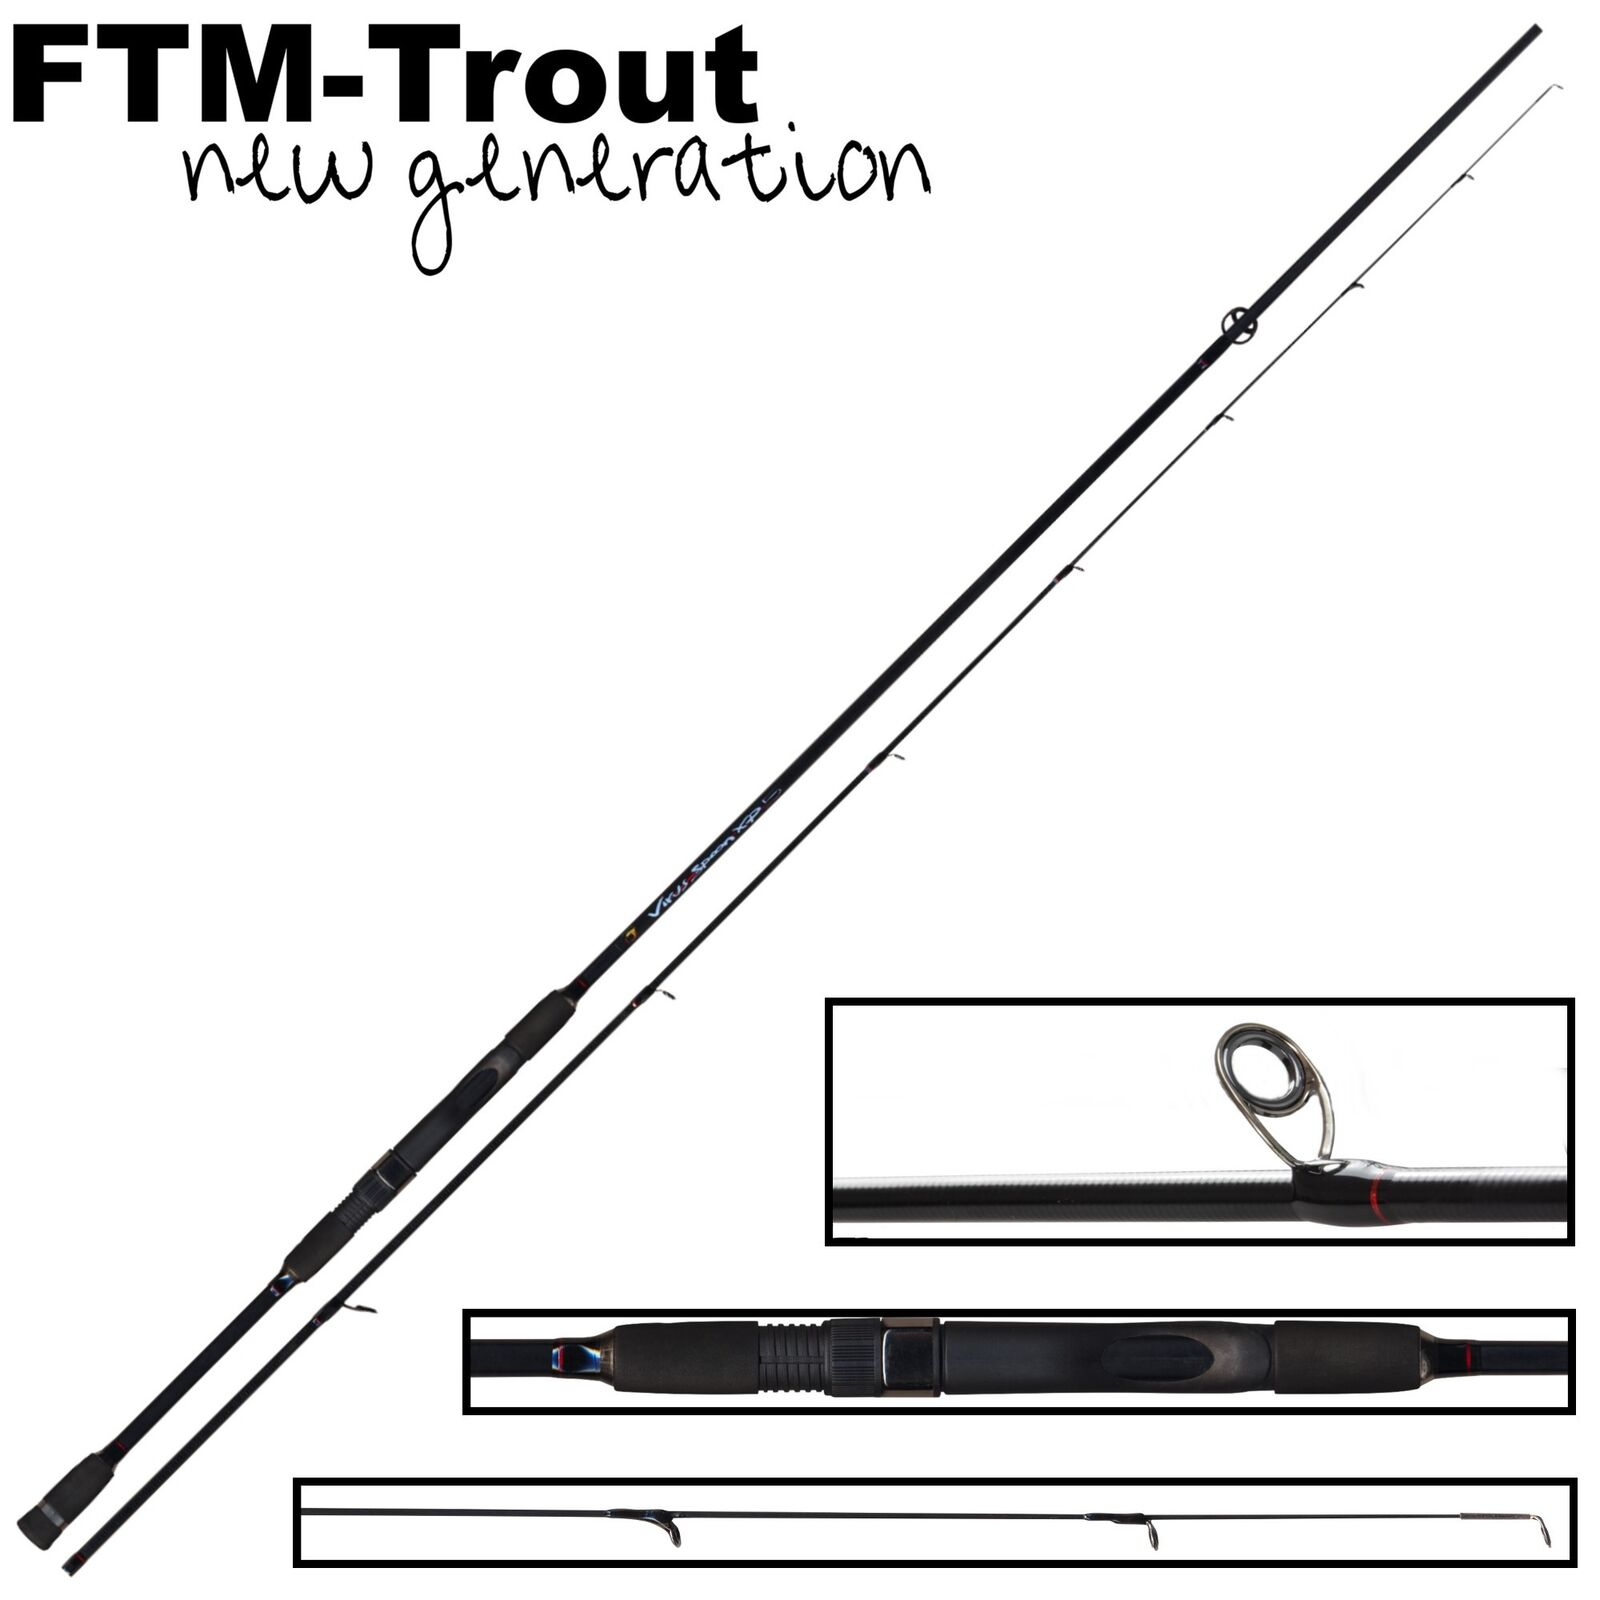 FTM Virus Spoon XP 5 2,40m 1-6g - Spinnrute, Forellenrute, Blinkerrute